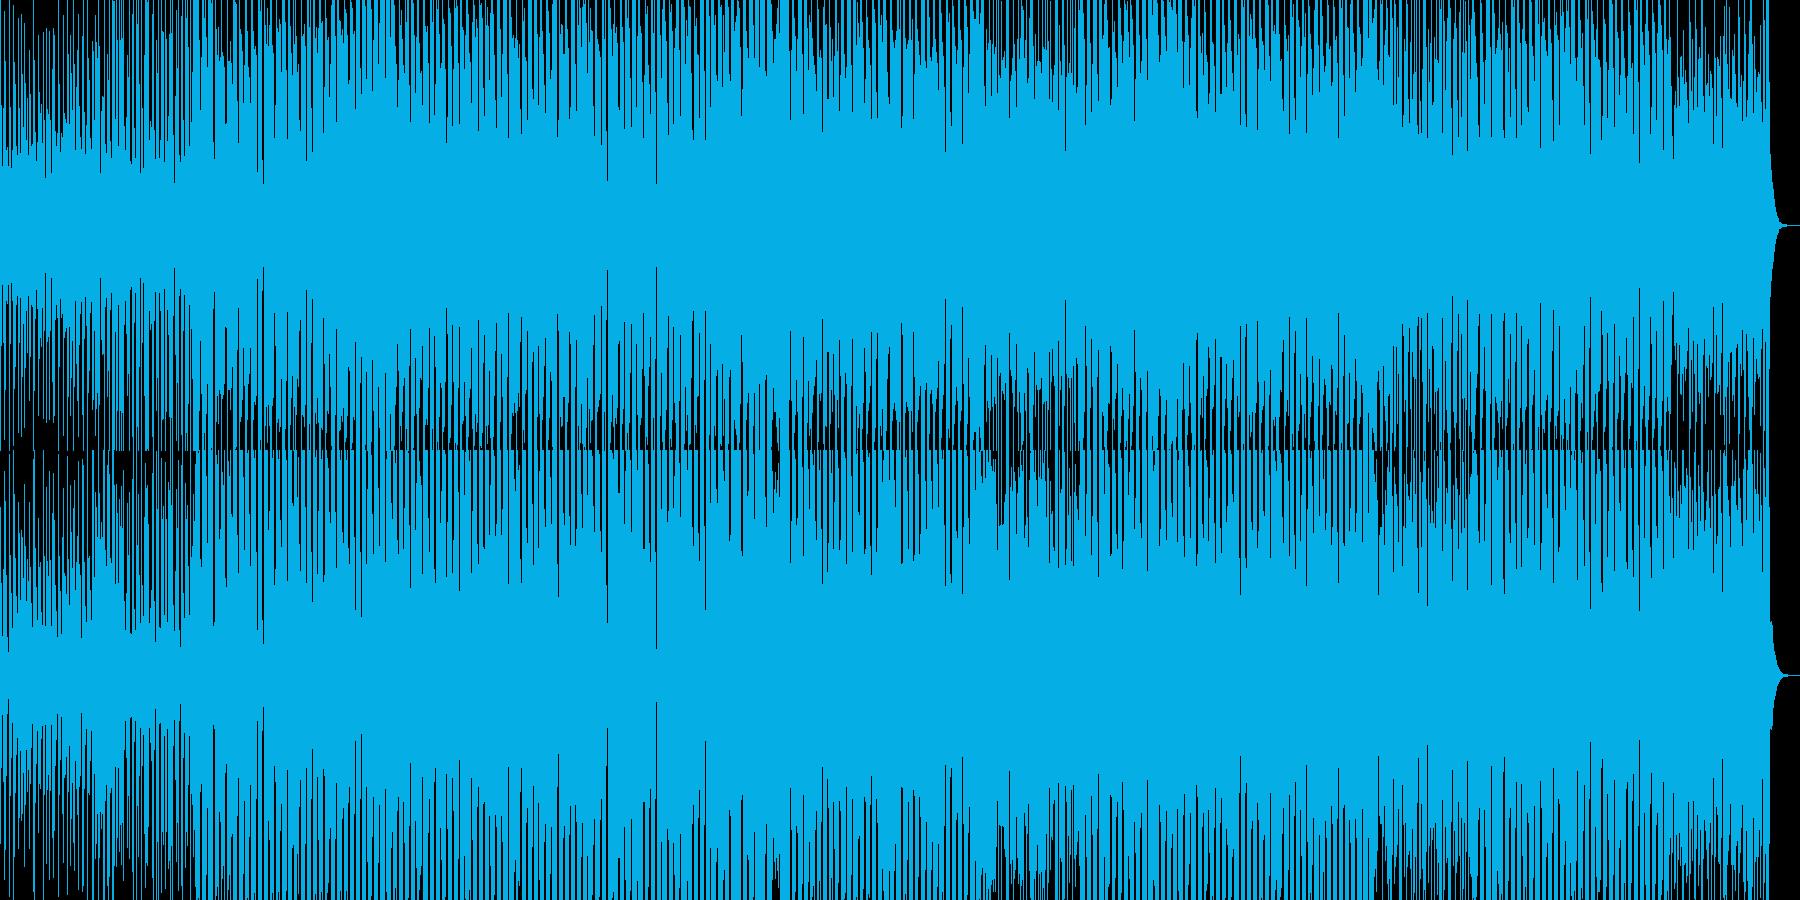 さわやかで鮮やかなイメージのテクノの再生済みの波形